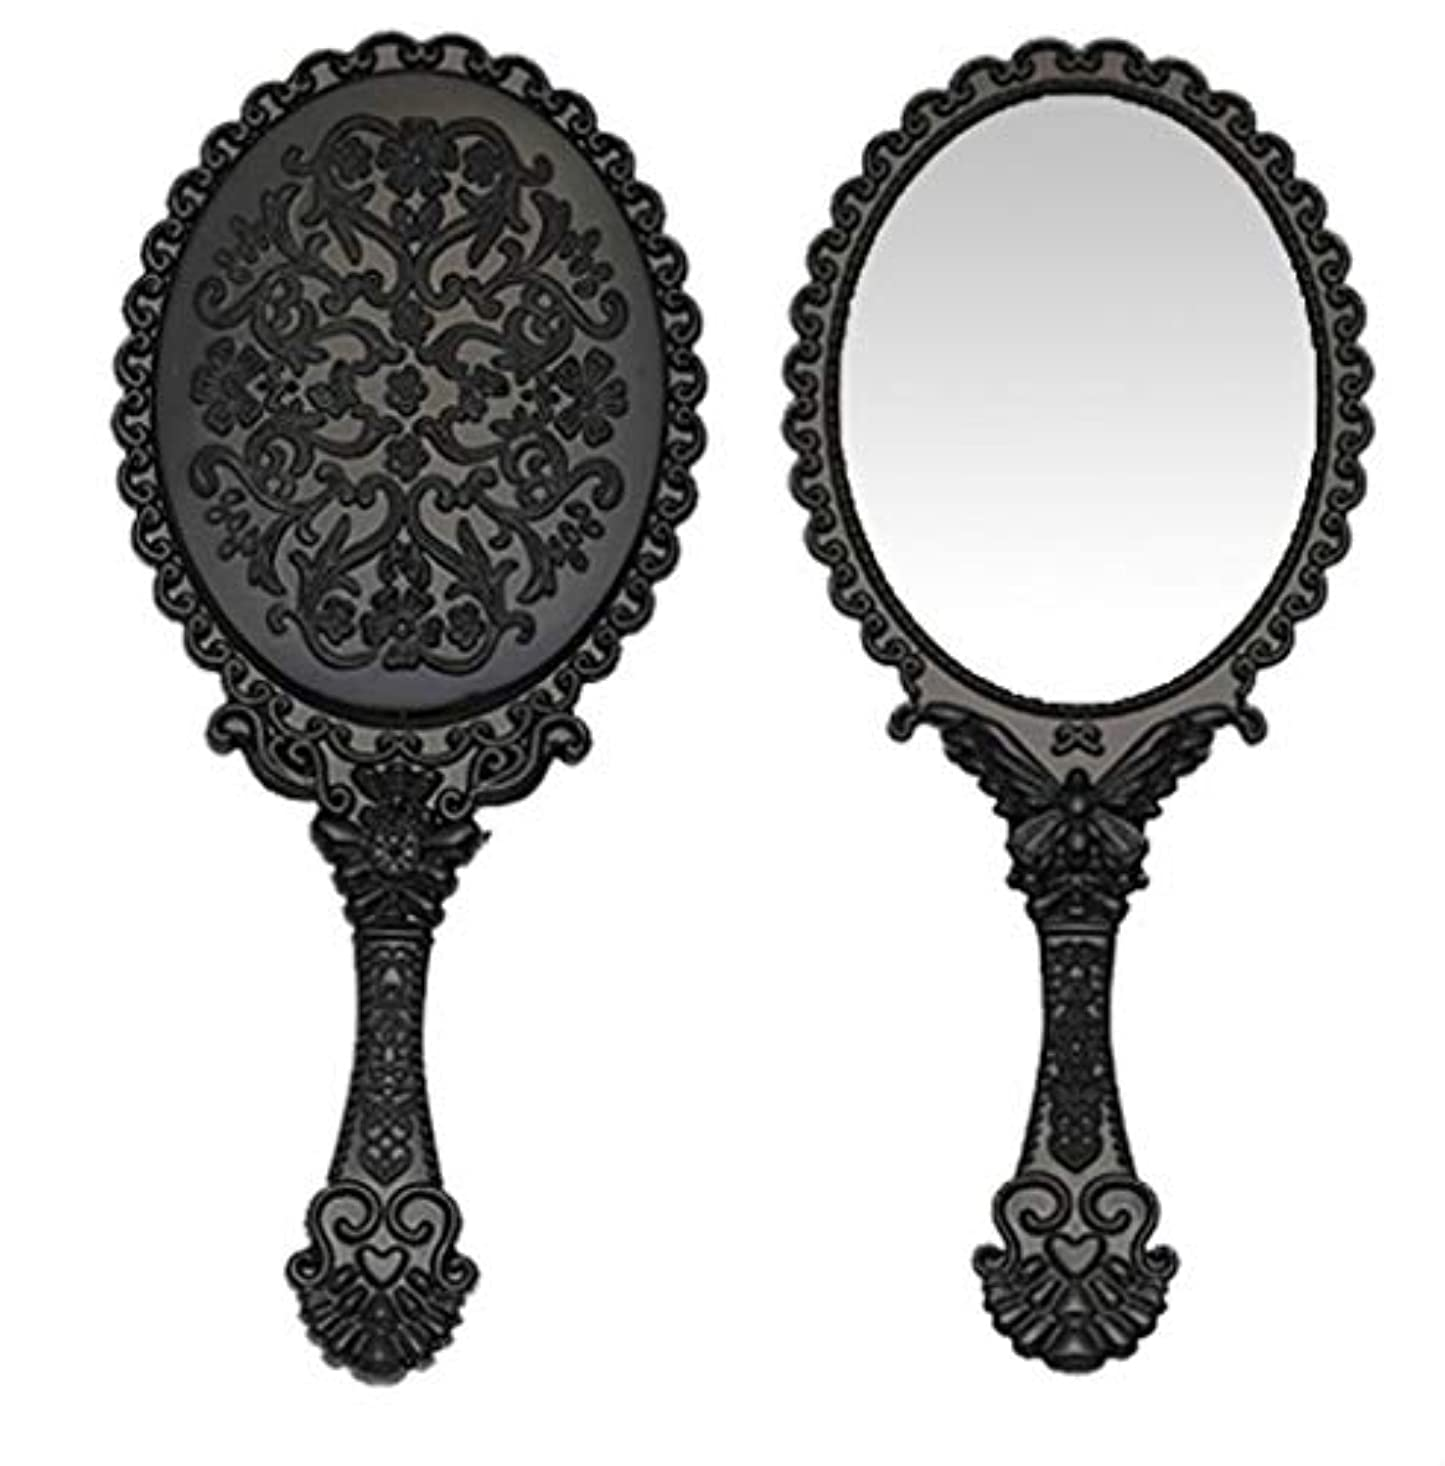 他の日不適切な北米送料無料 トゥインクル 楕円の鏡 メイク ポーチ 化粧 ミラー 手鏡 姫系ハンドミラー ブラック